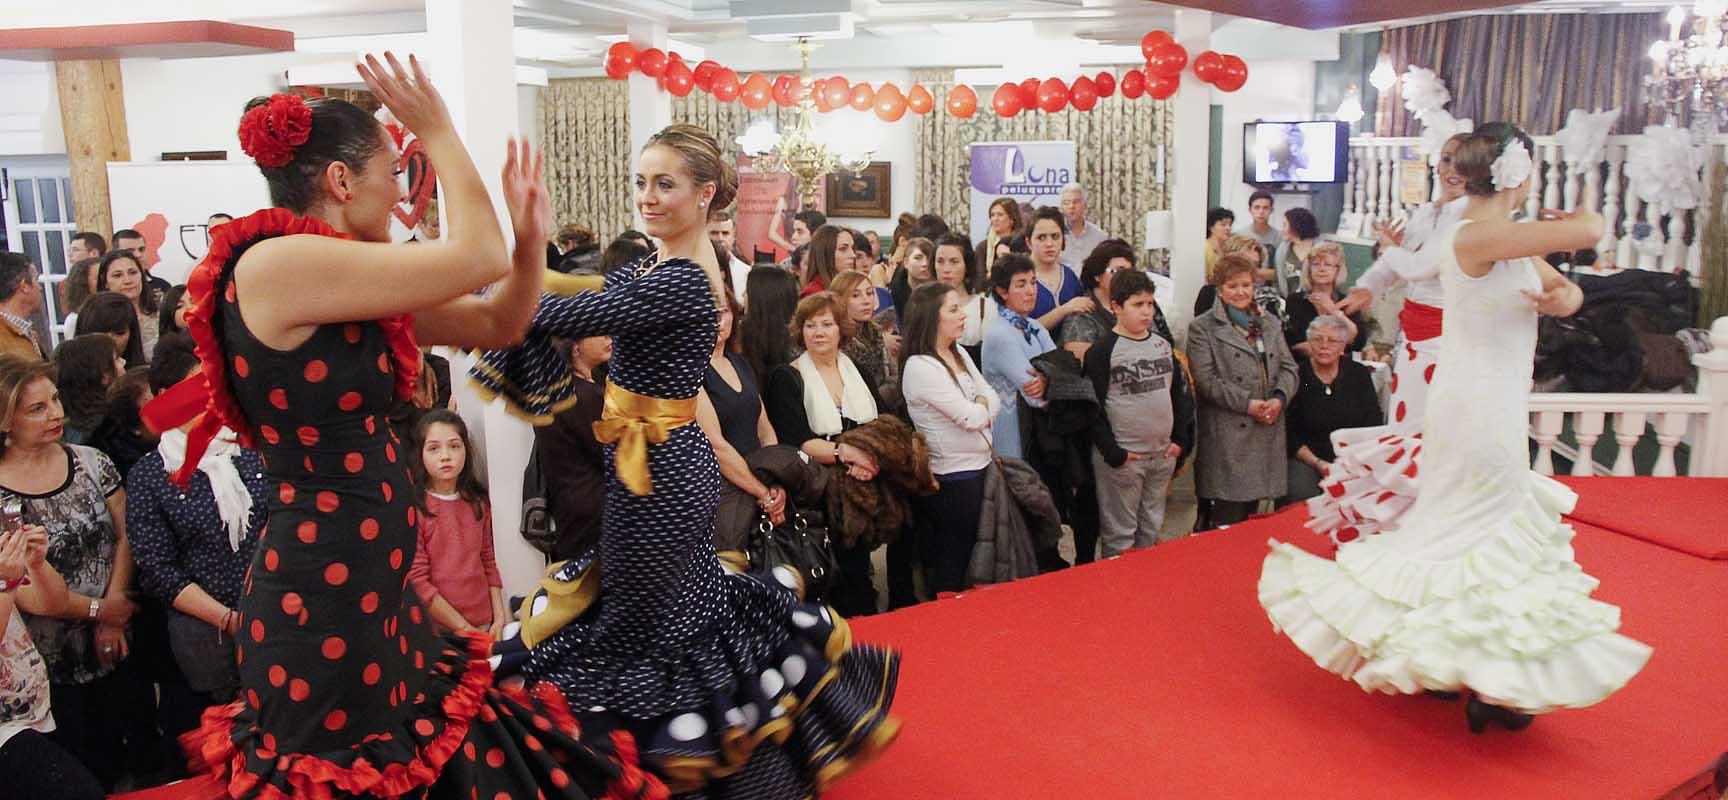 La música flamenca y el baile de sevillanas ambientarán la Feria.